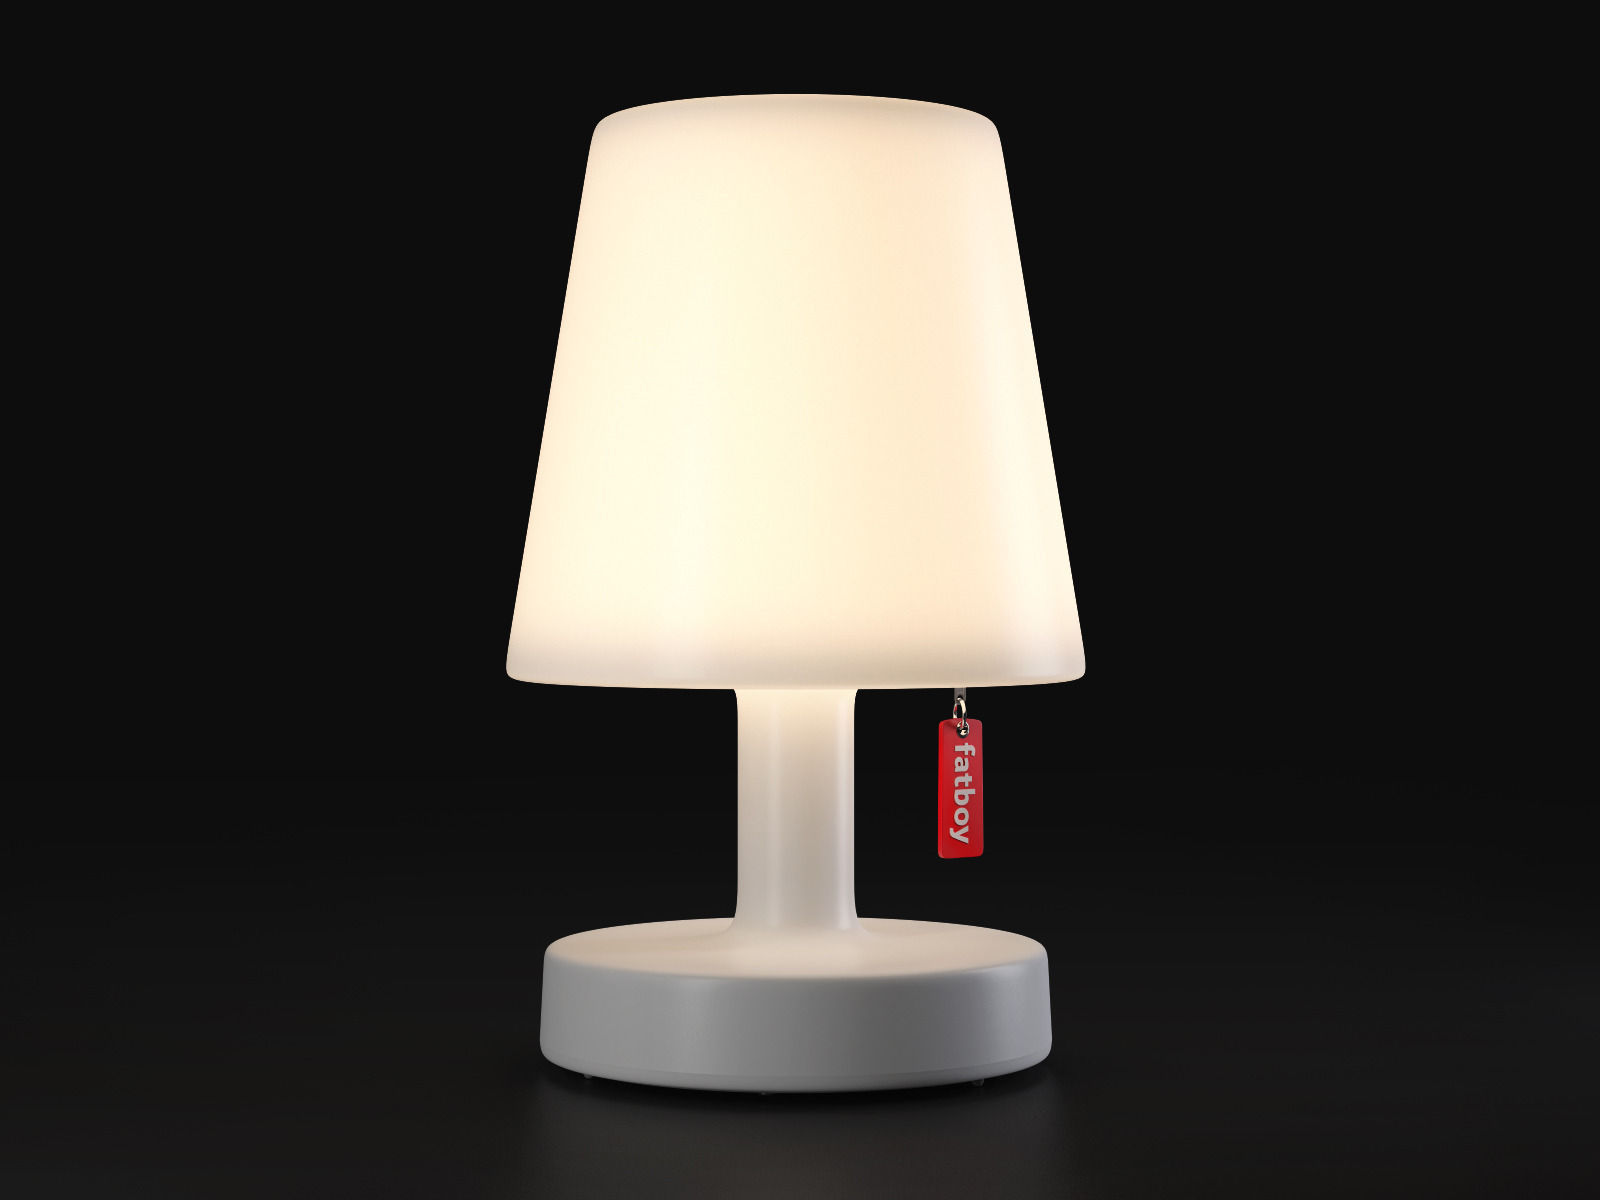 Bezaubernd Fatboy Petit Das Beste Von Lamp Edison Le 3d Model Max Obj